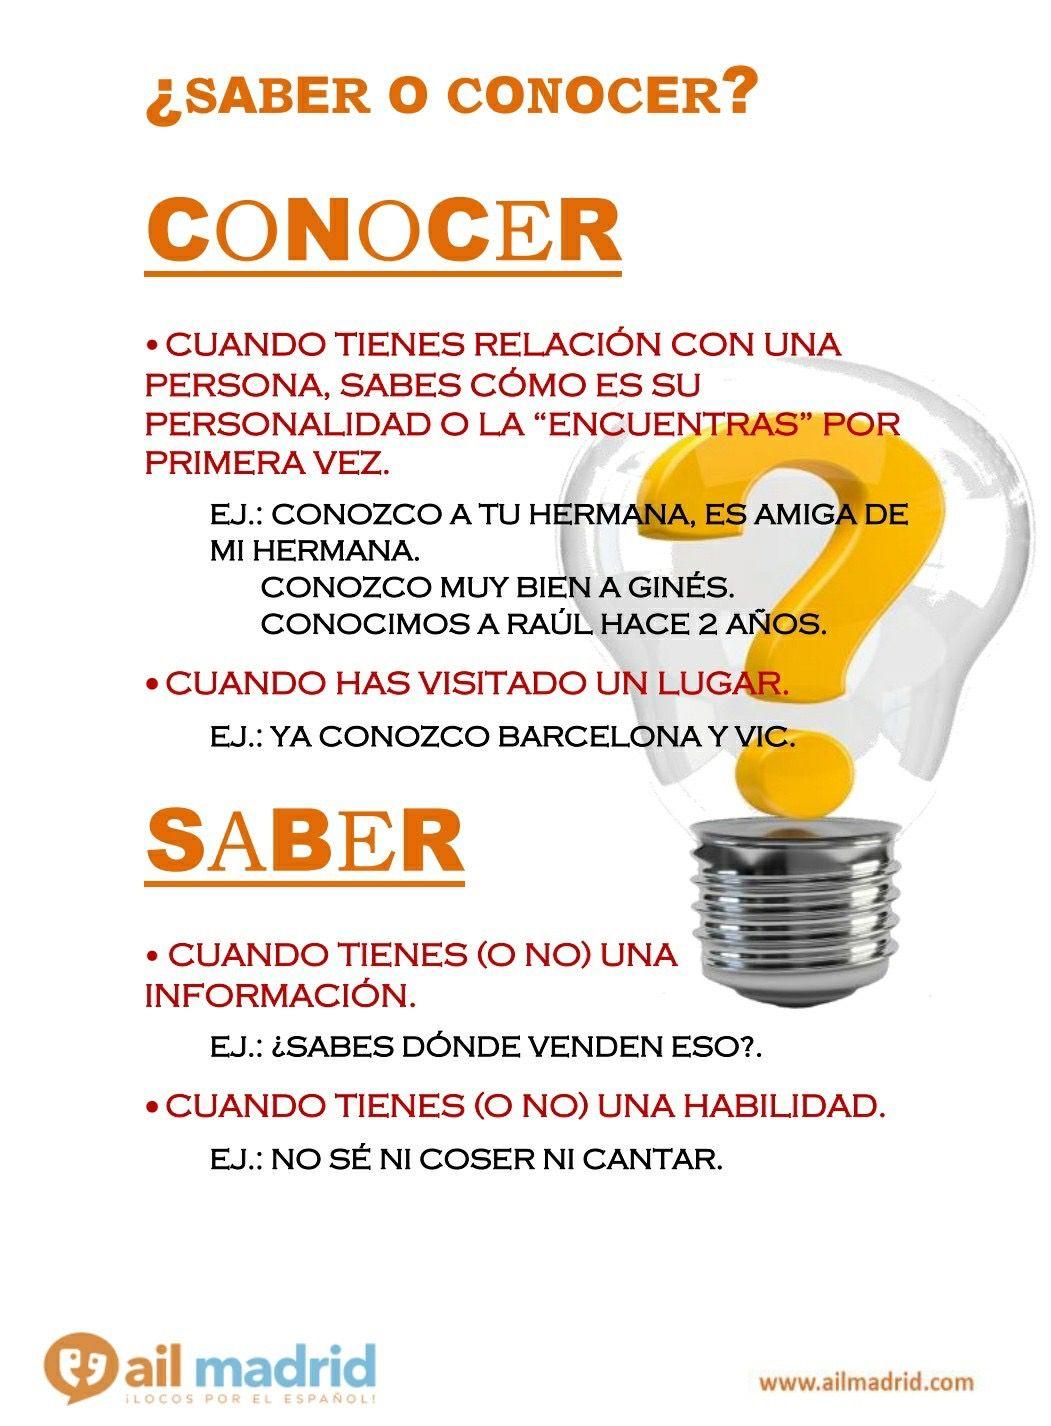 Conifer Y Saber